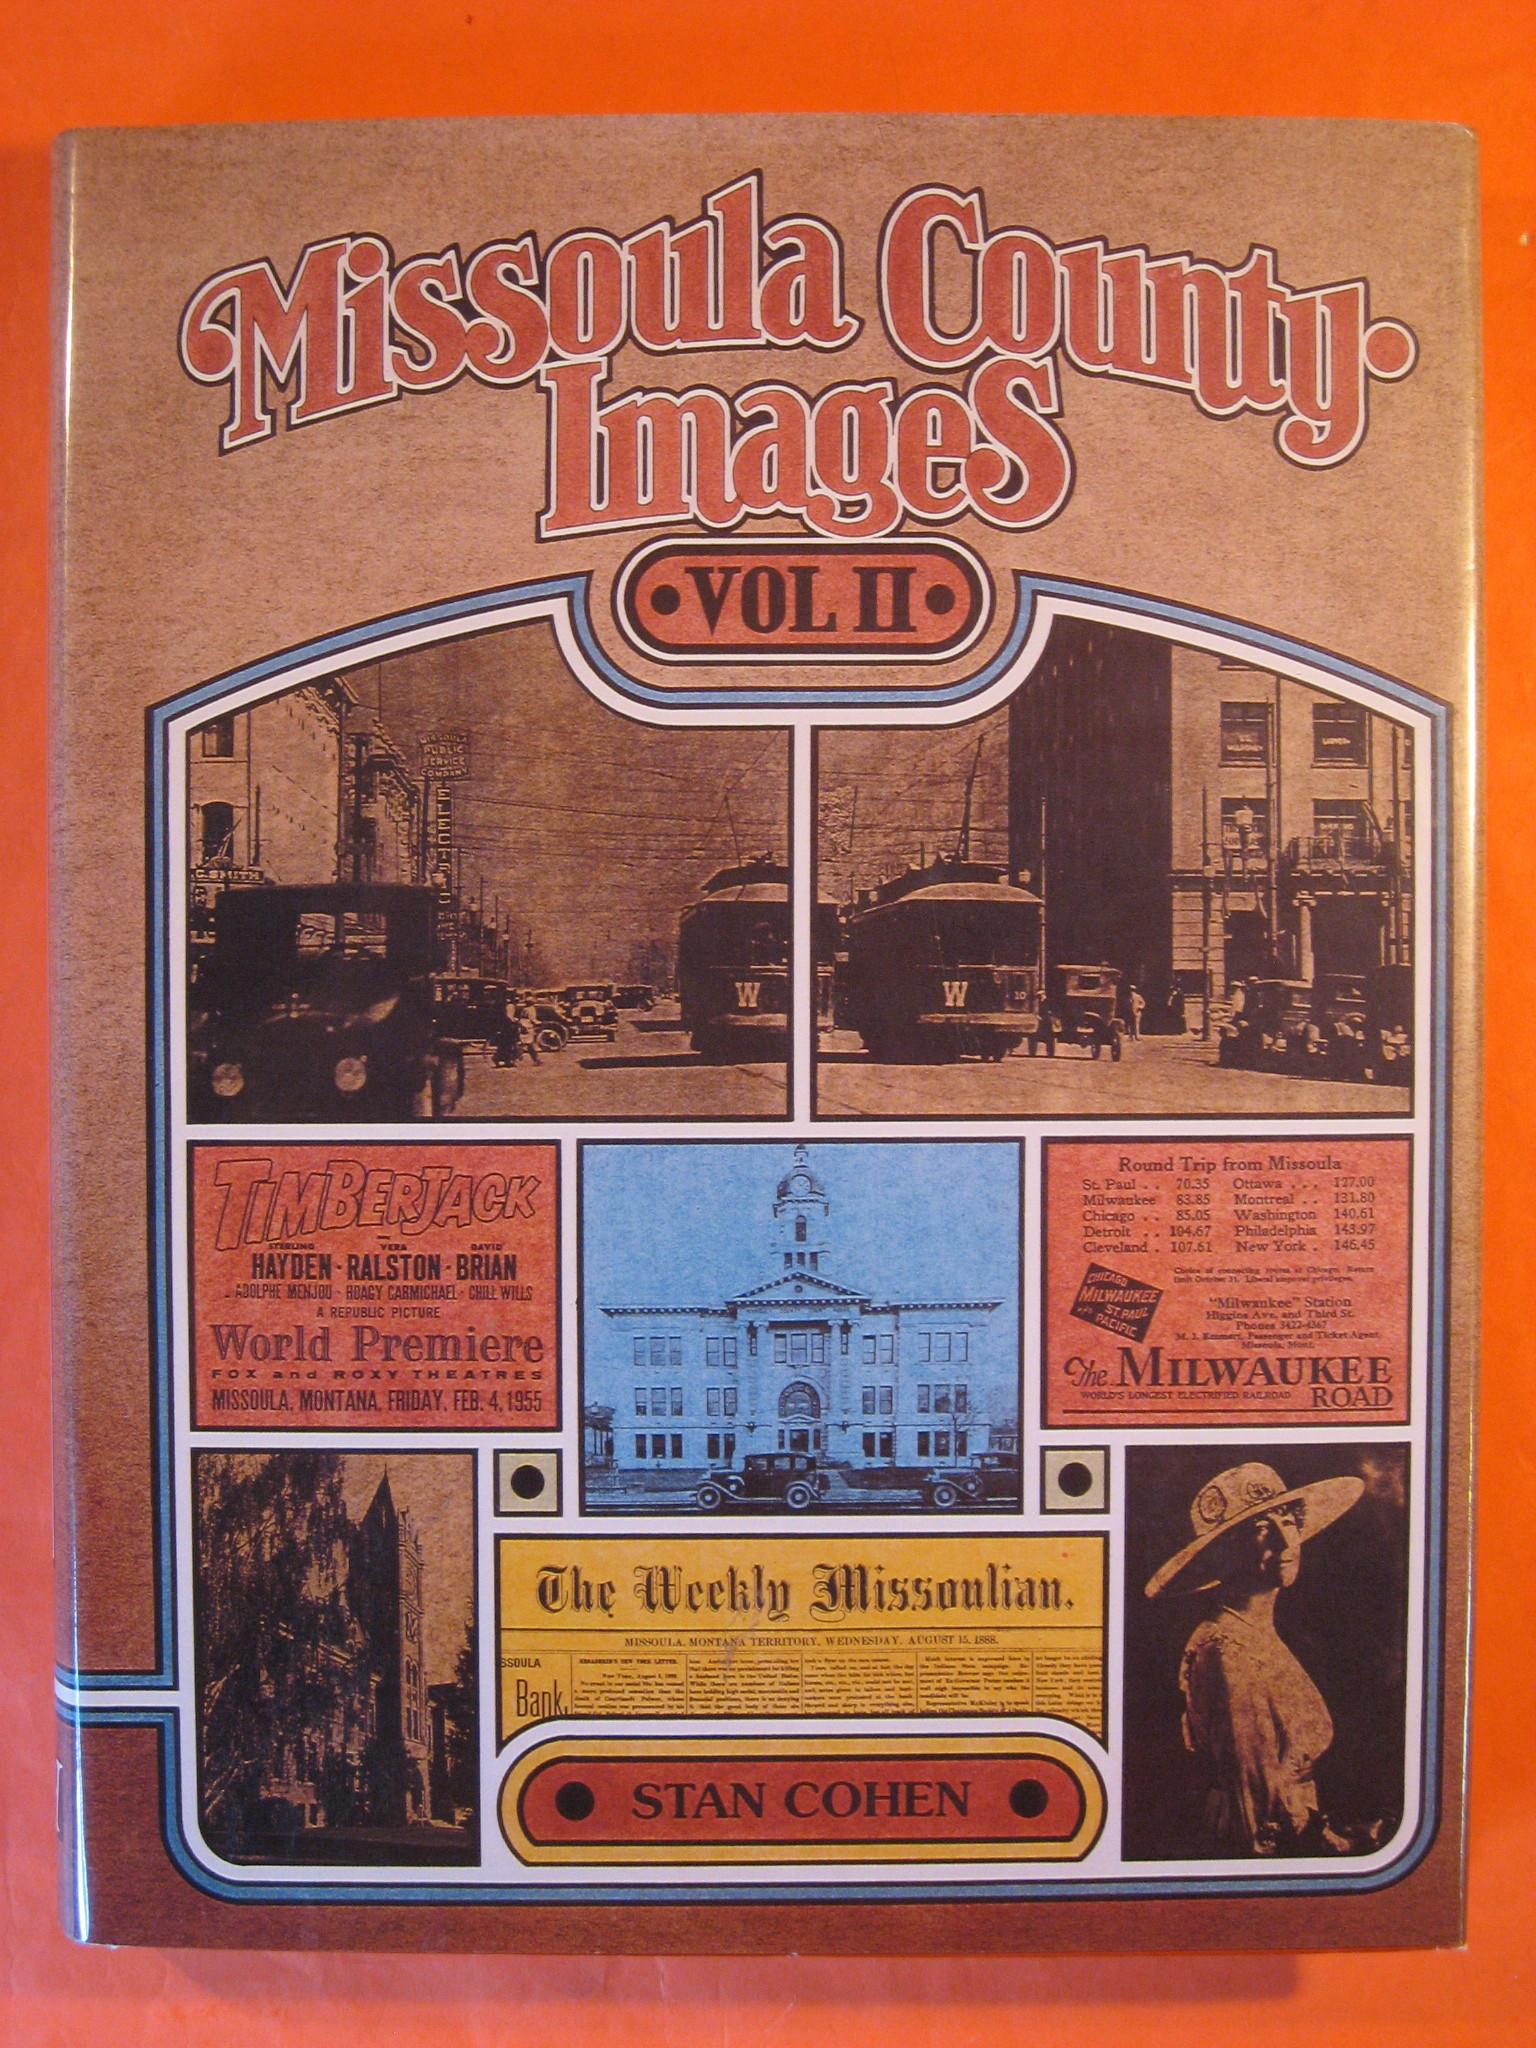 Missoula County Images, Vol. 2, Cohen, Stan